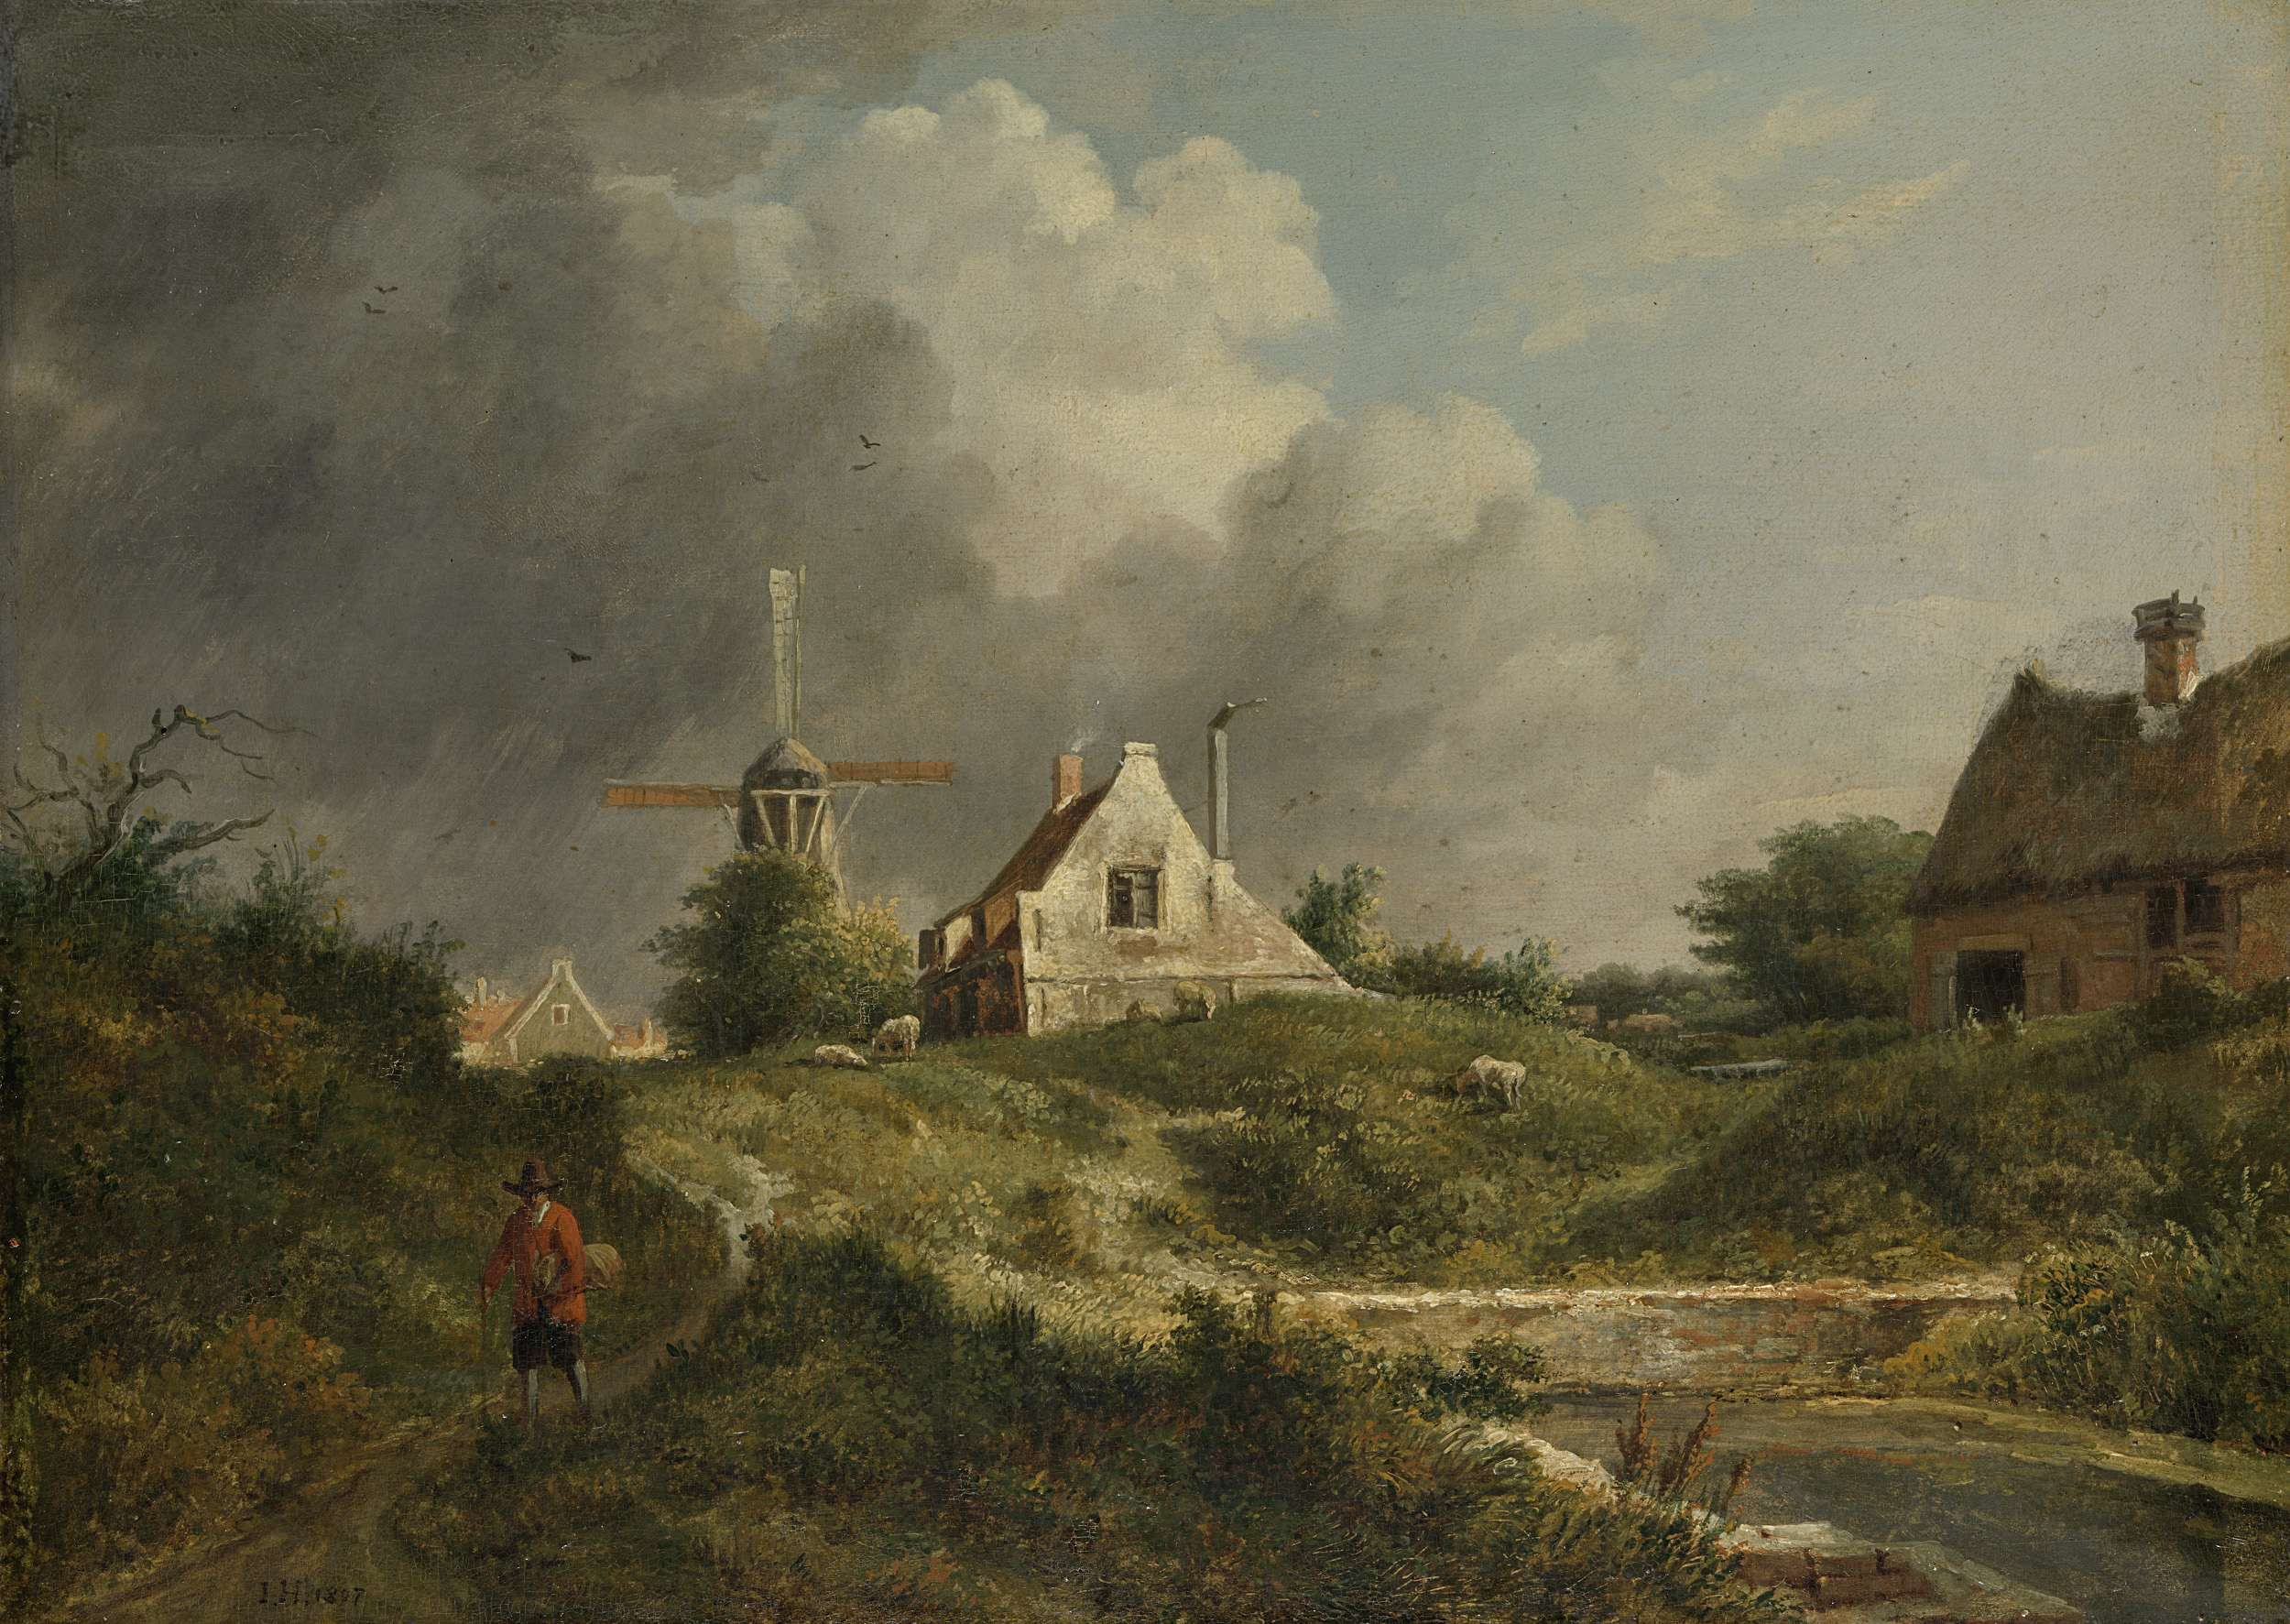 Landschap in het Gooi, Jan Hulswit, 1807